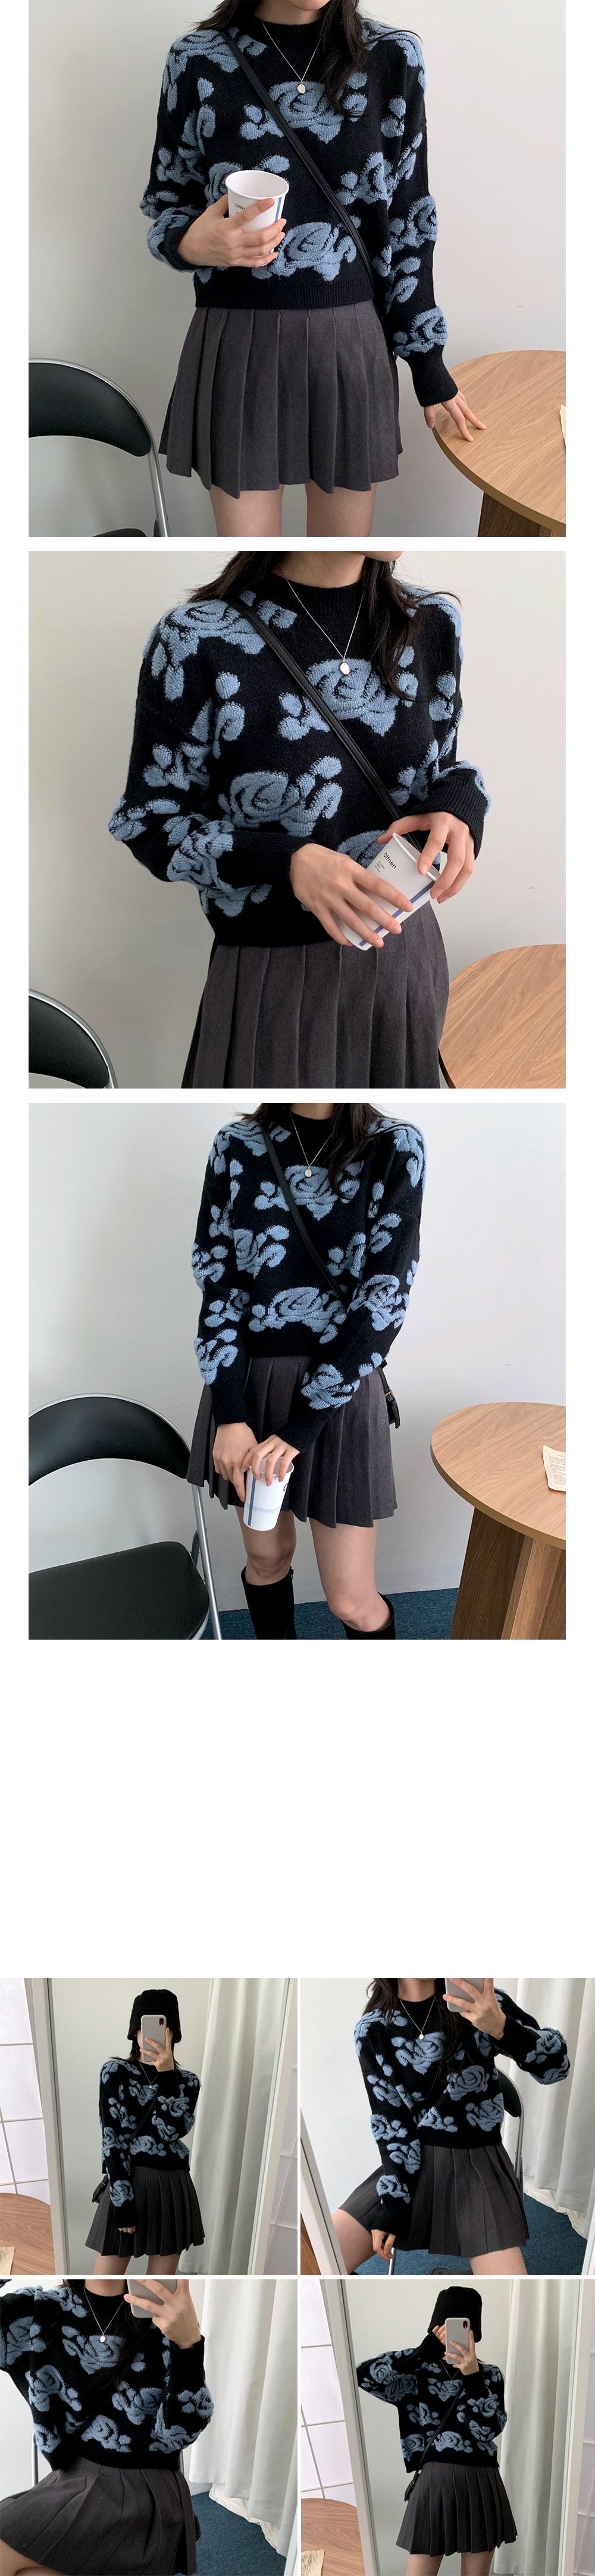 Wool Flower Work Lop Knitwear